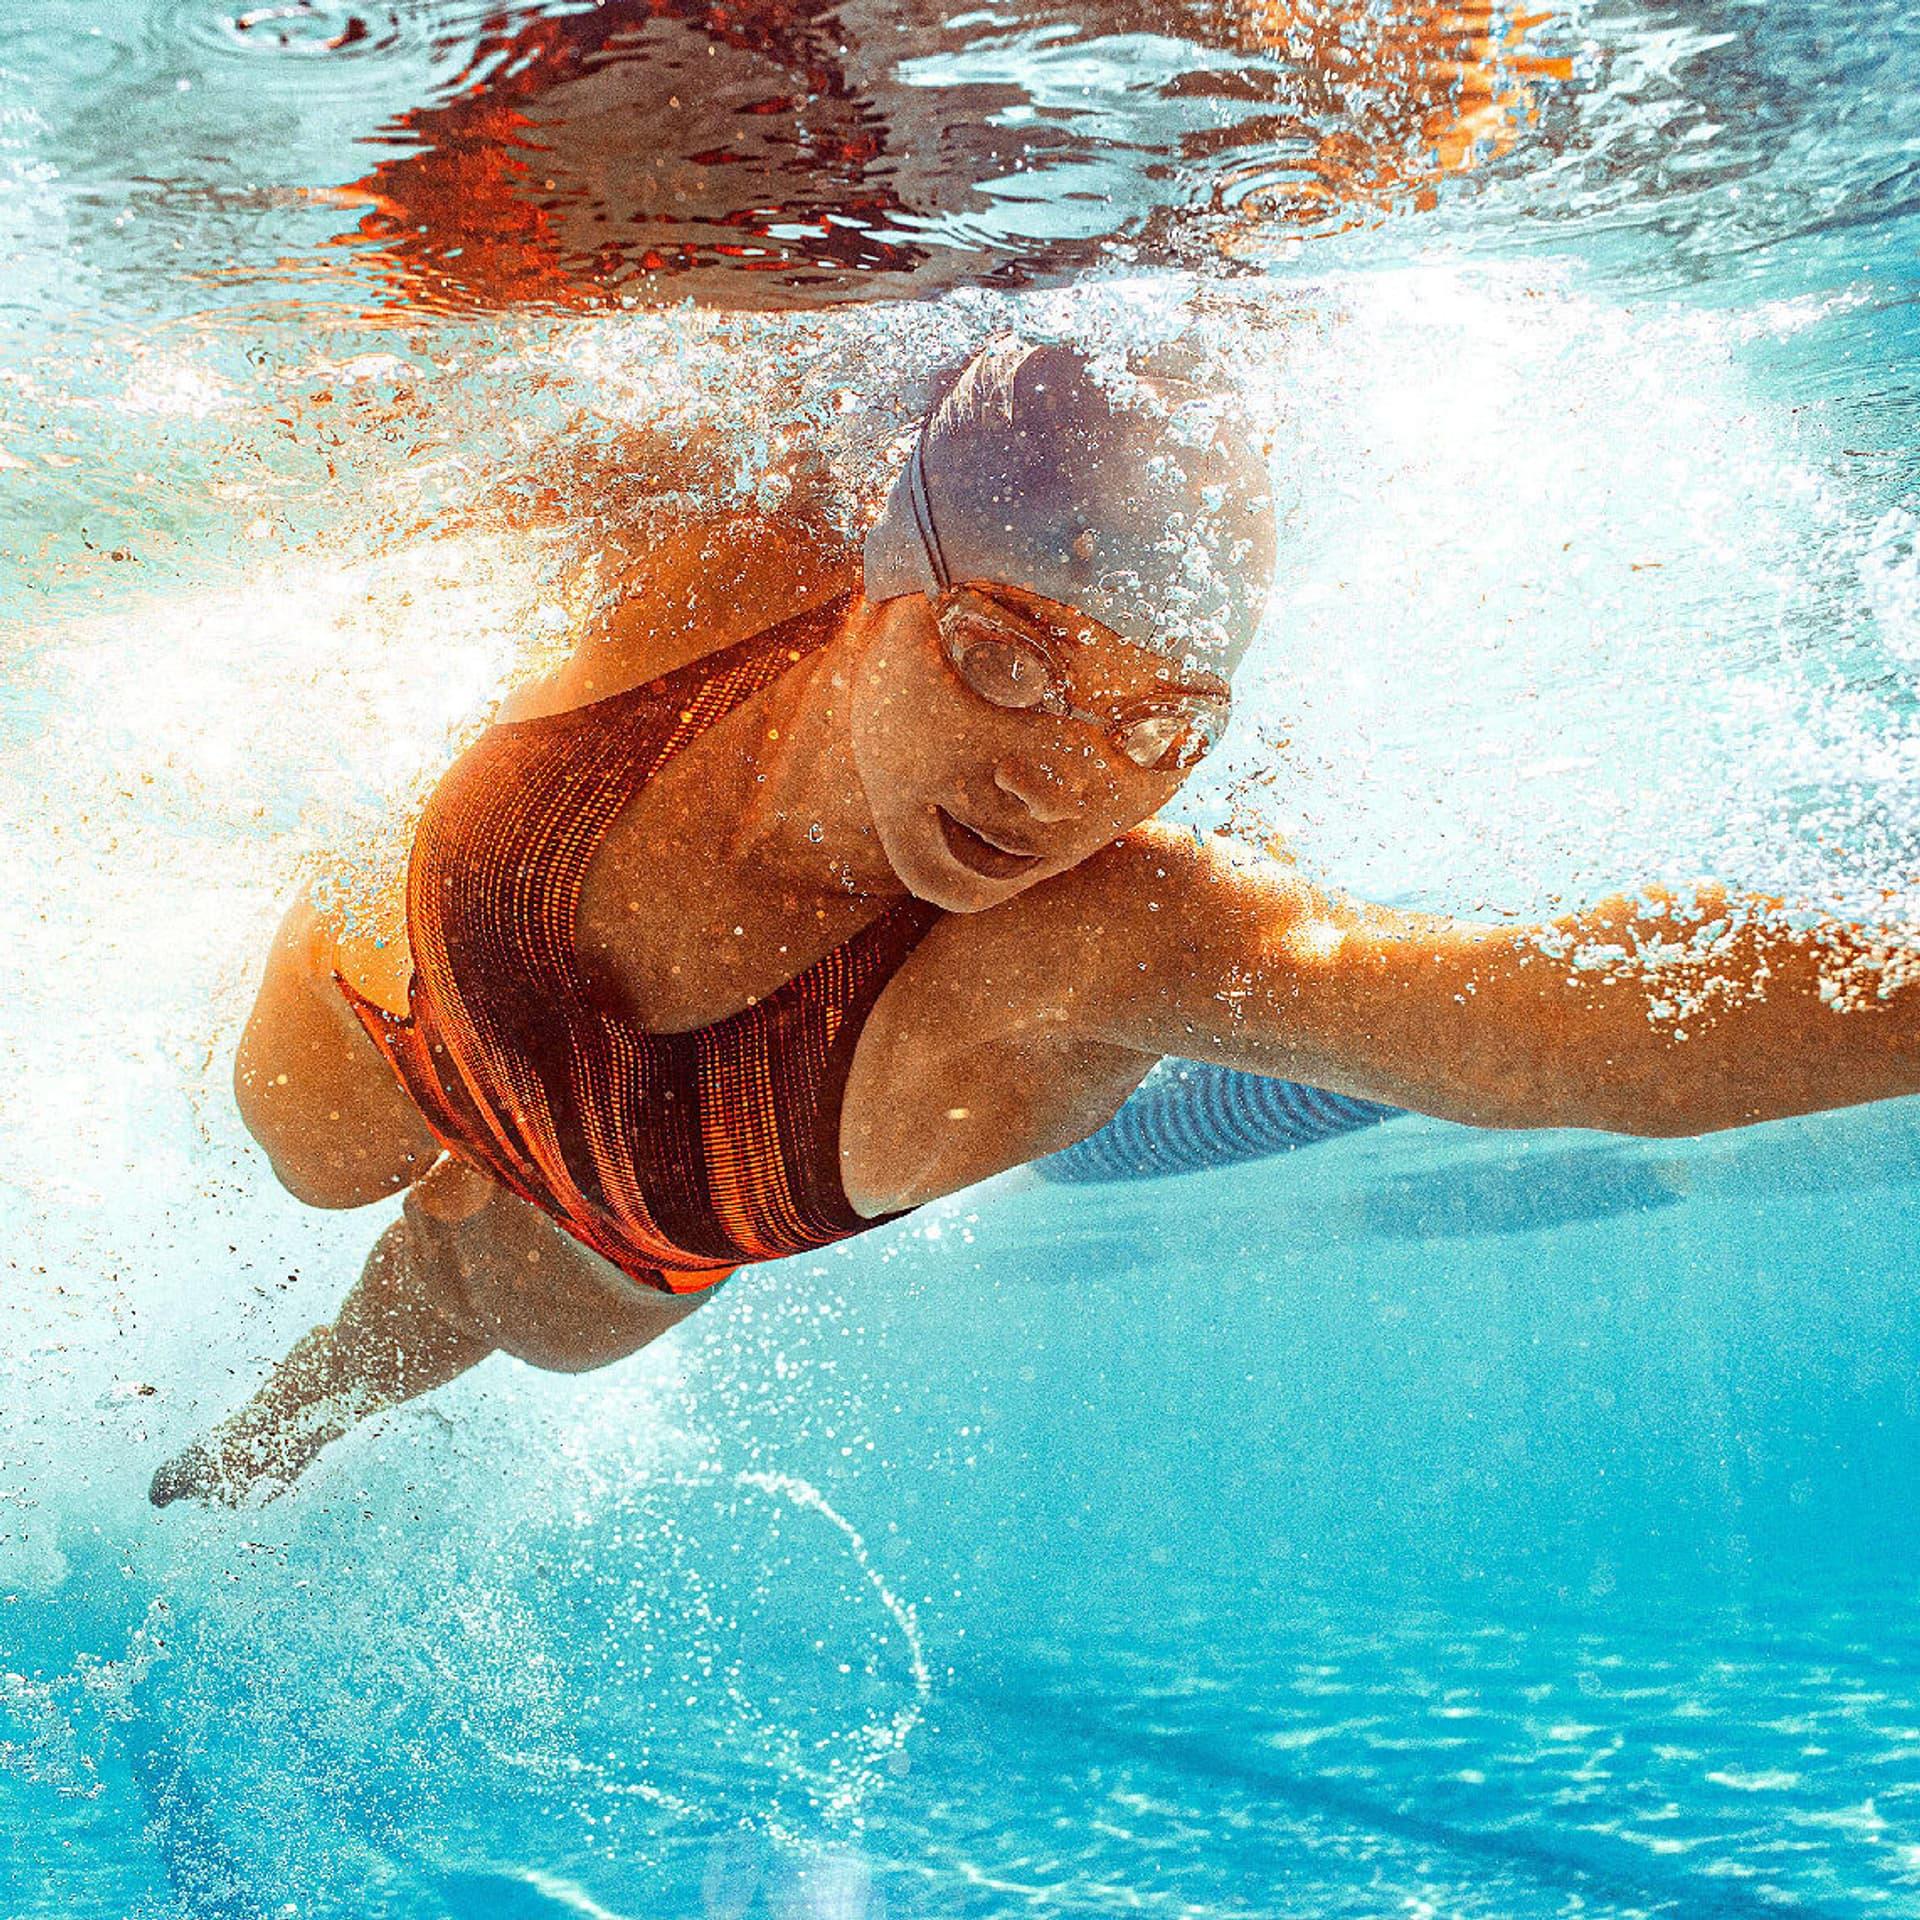 Eine Schwimmerin bei der Kraulbewegung. Ihr Kopf ist unter Wasser, ihren linken Arm streckt sie lang nach vorn.